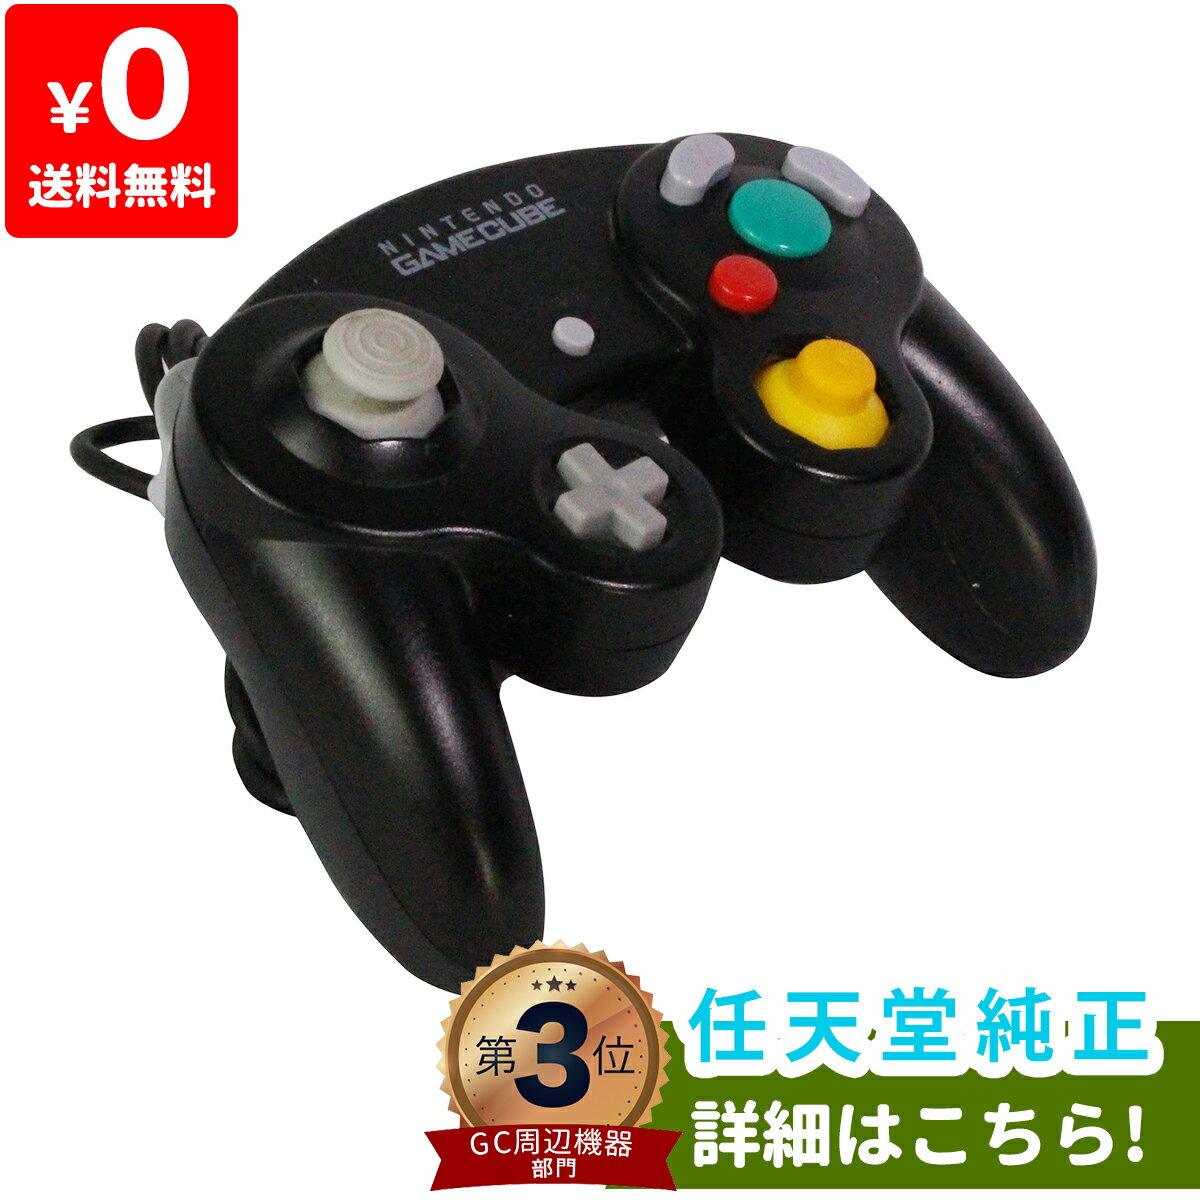 ゲームキューブ GC GAMECUBE コントローラー ブラック GC ニンテンドー 任天堂 Nintendo 【中古】 4902370505726 送料無料